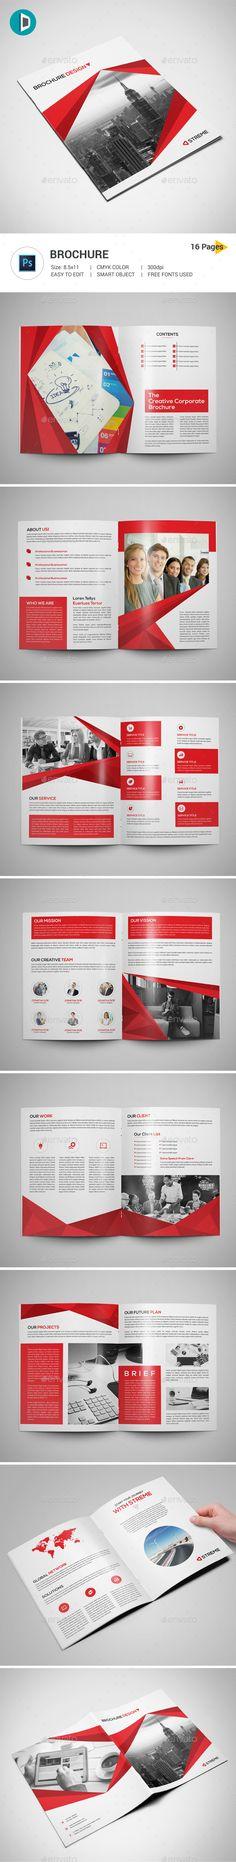 Brochure - #Corporate #Brochures Download here: https://graphicriver.net/item/brochure/18373940?ref=alena994